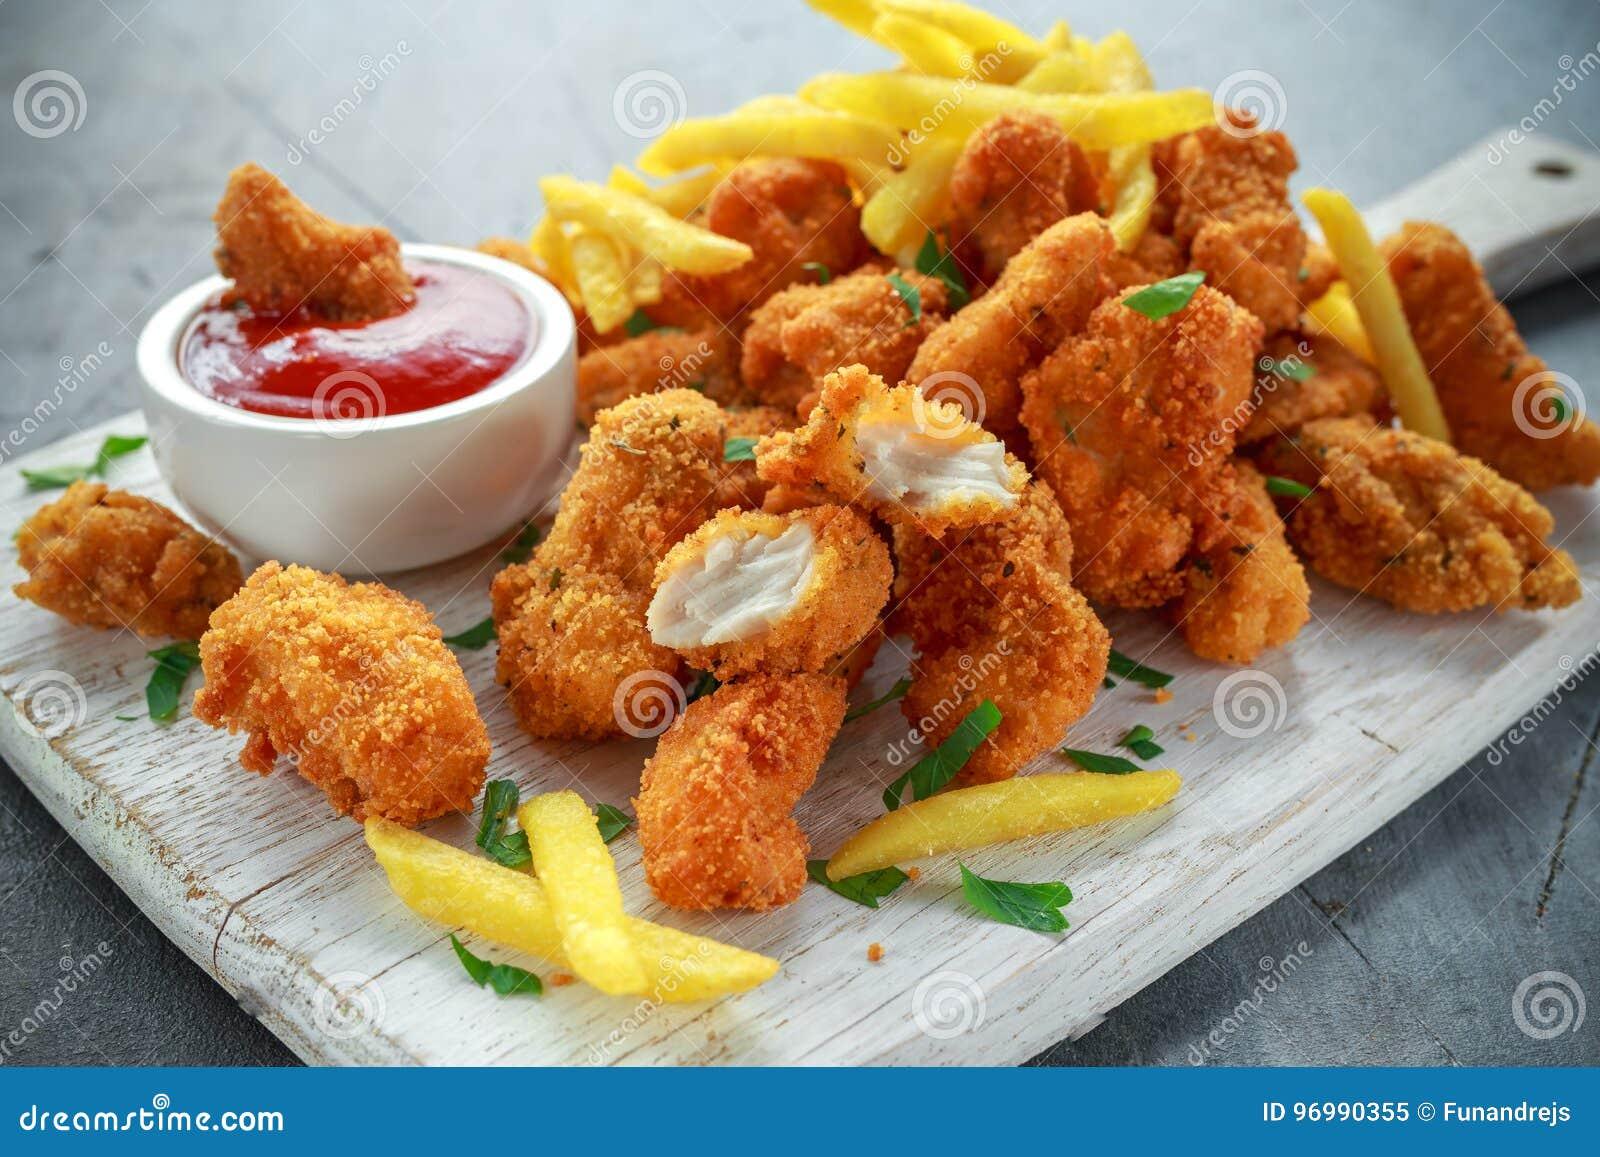 Smażyć crispy kurczak bryłki z francuza ketchupem na białej desce i dłoniakami